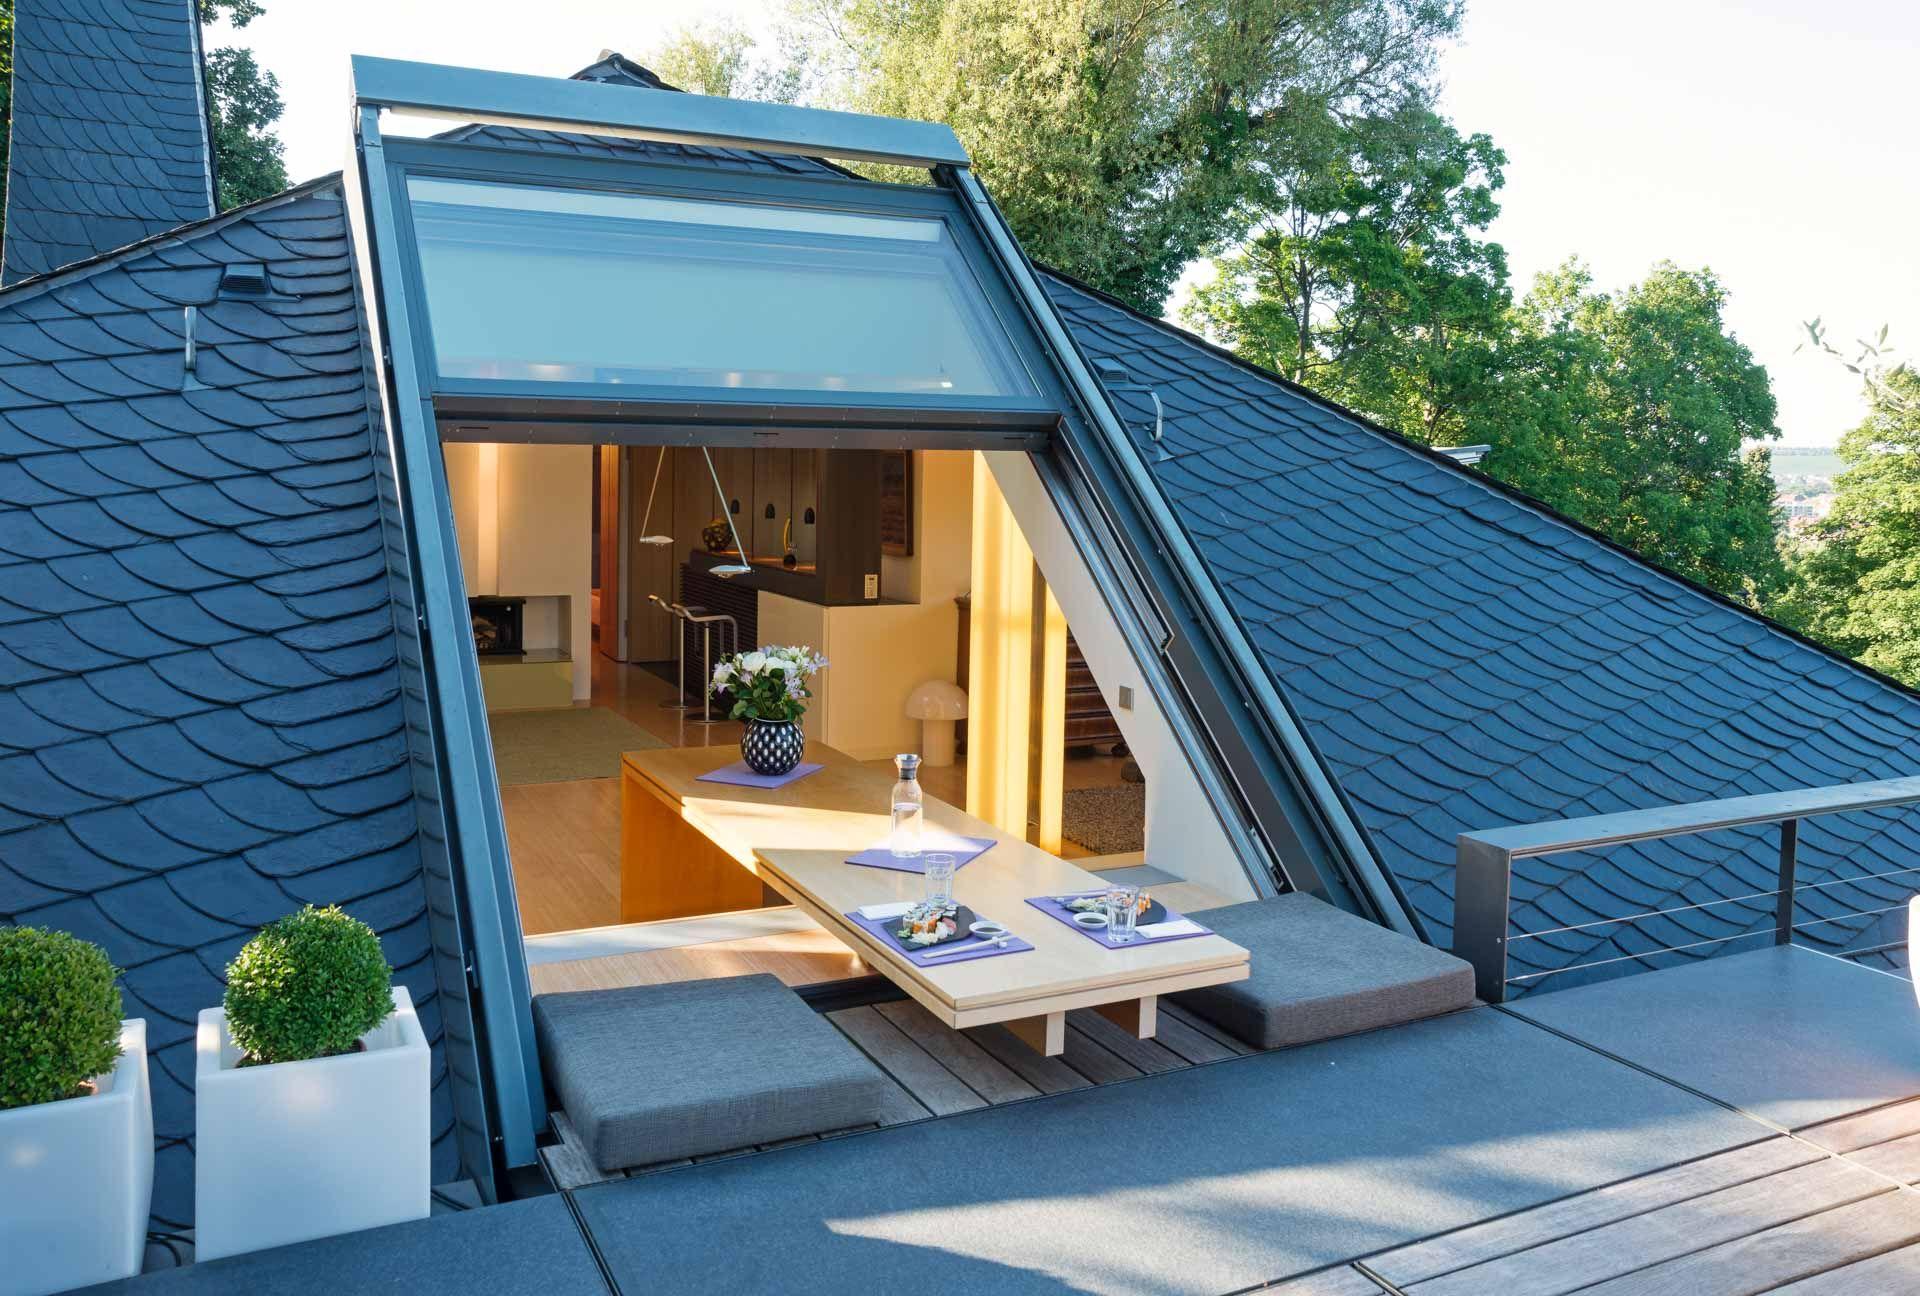 die dachfenster systeme von sunshine bieten vielseitige einsatzm glichkeiten und funktionsweisen. Black Bedroom Furniture Sets. Home Design Ideas